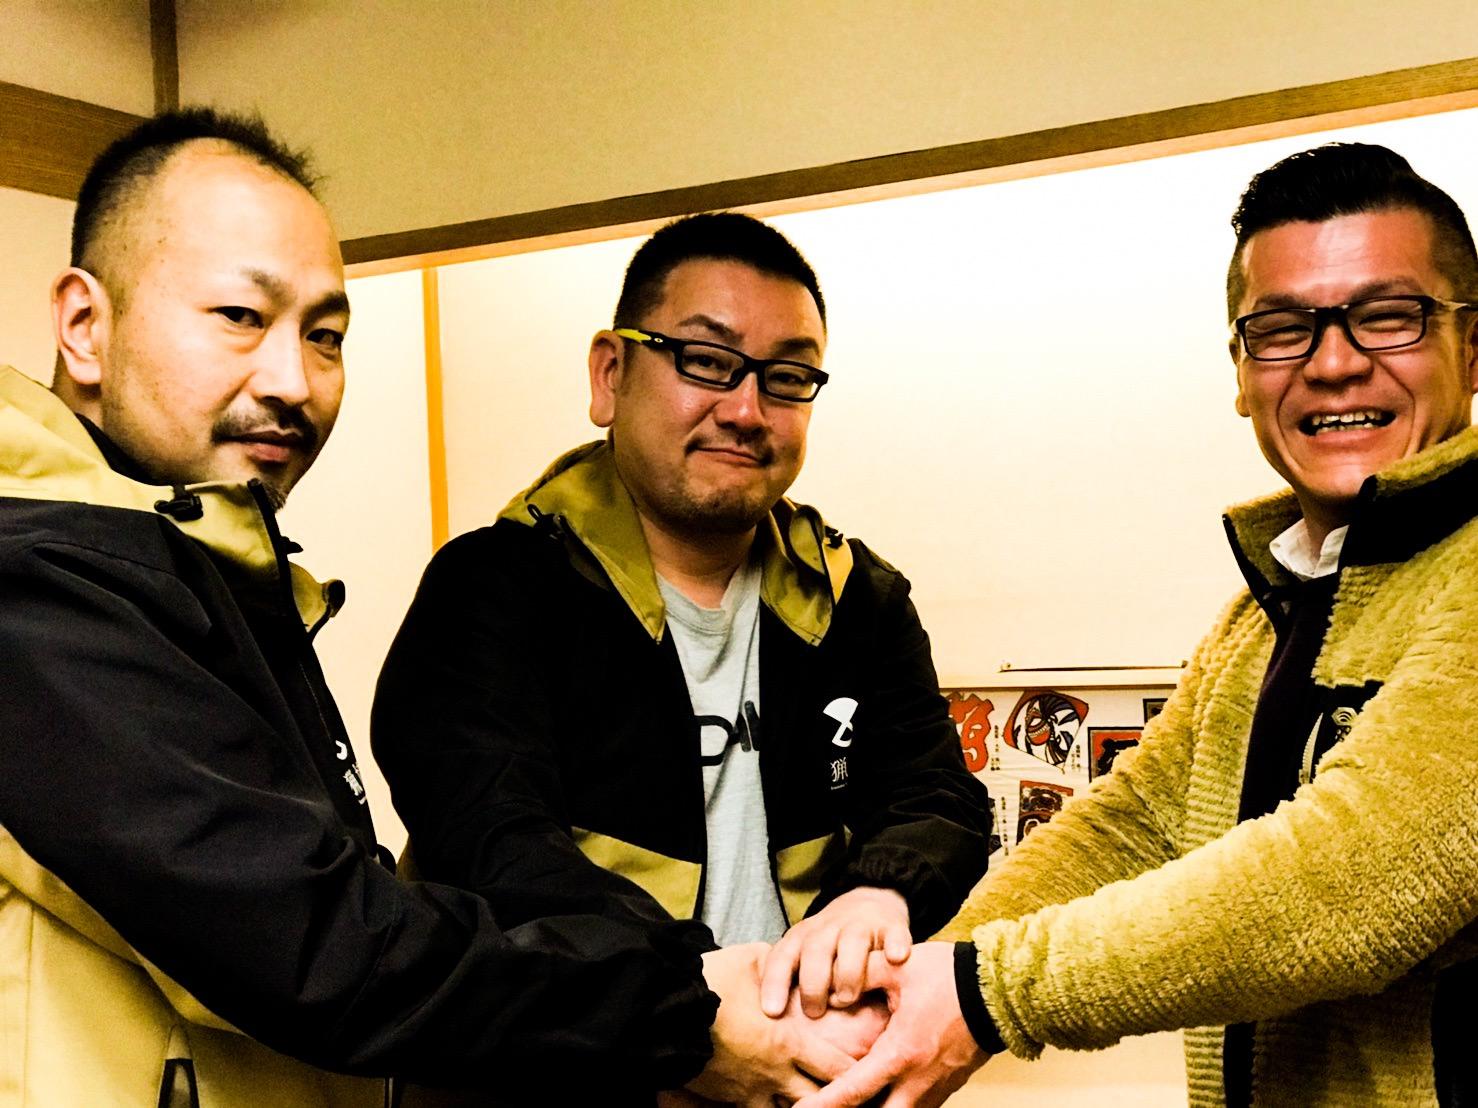 【業務提携】猟協九州組織化へ向けて合意 3月8日